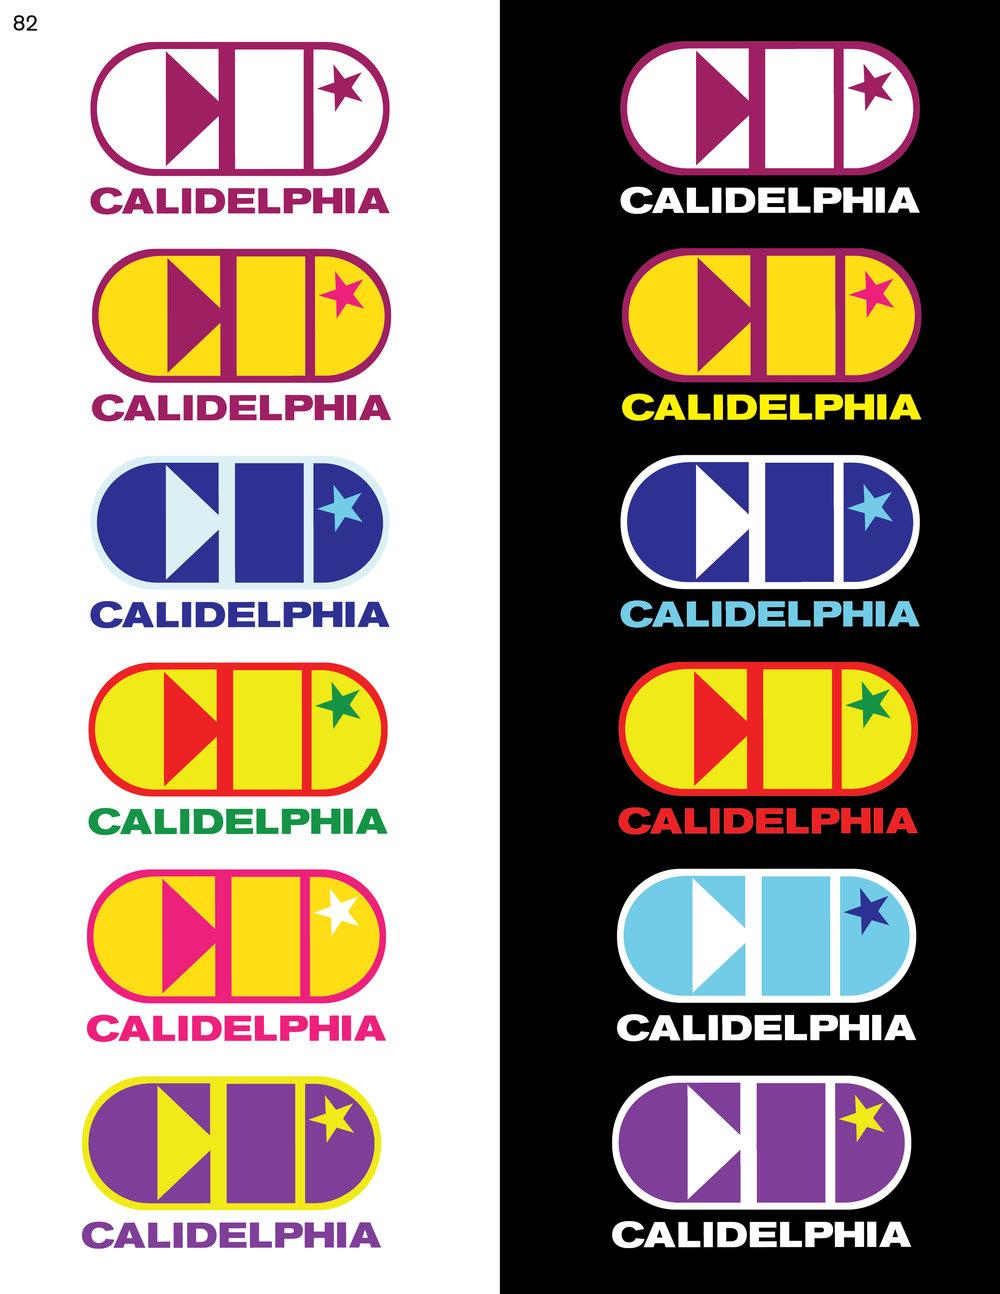 calidelph.009-simple-logo-colors-v82.2-01-01.jpg